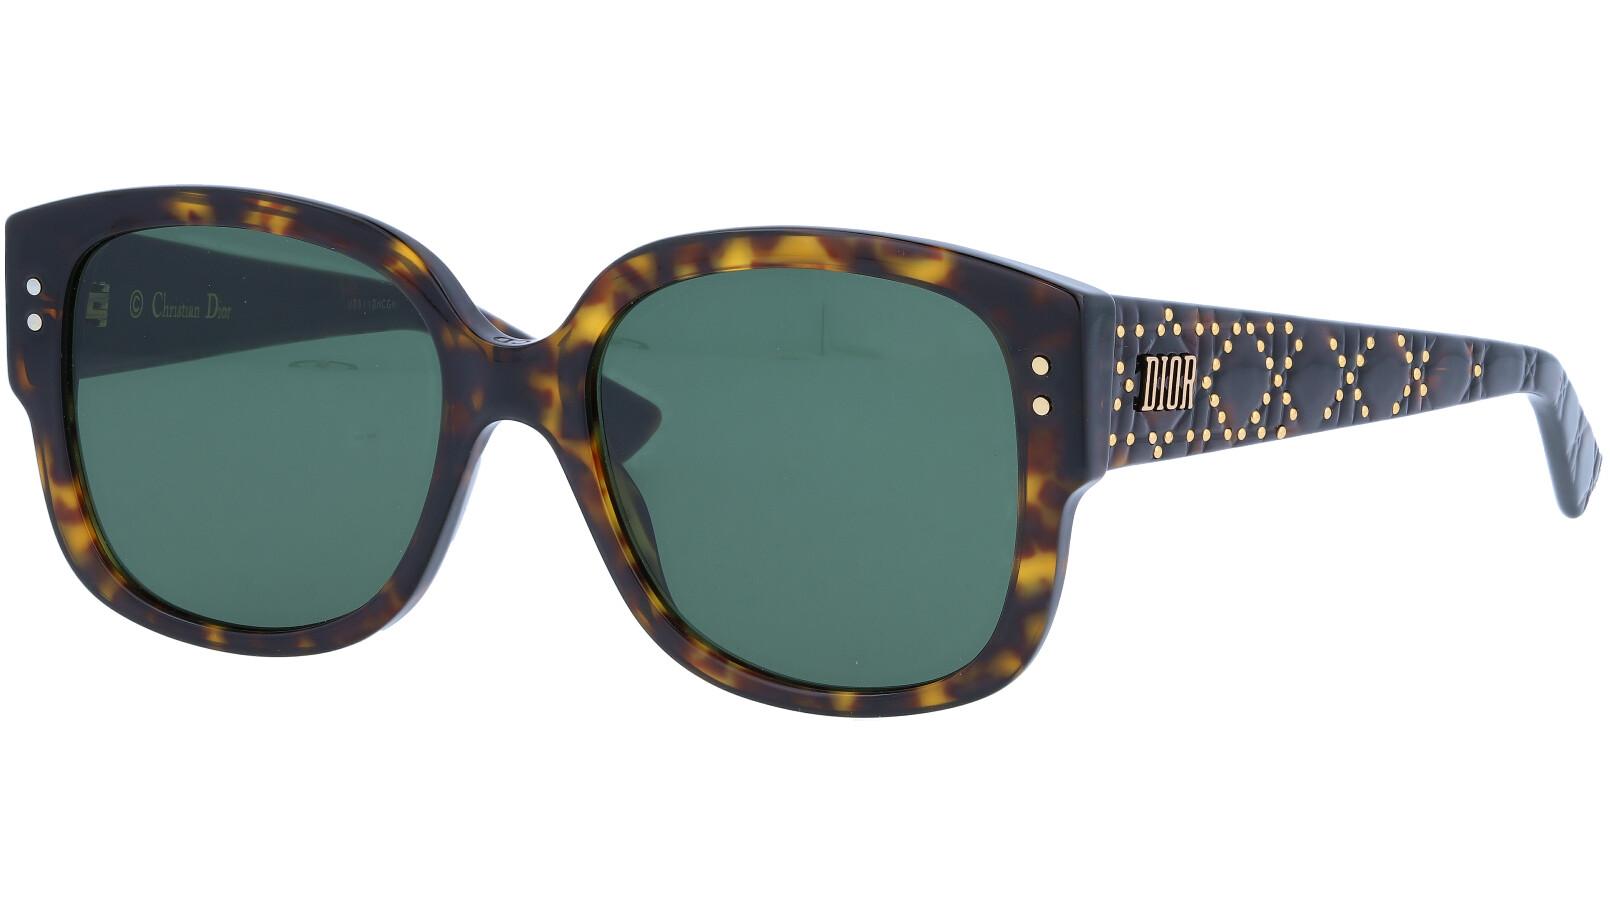 DIOR LADYDIORSTUDS 086O7 54 DARK Sunglasses